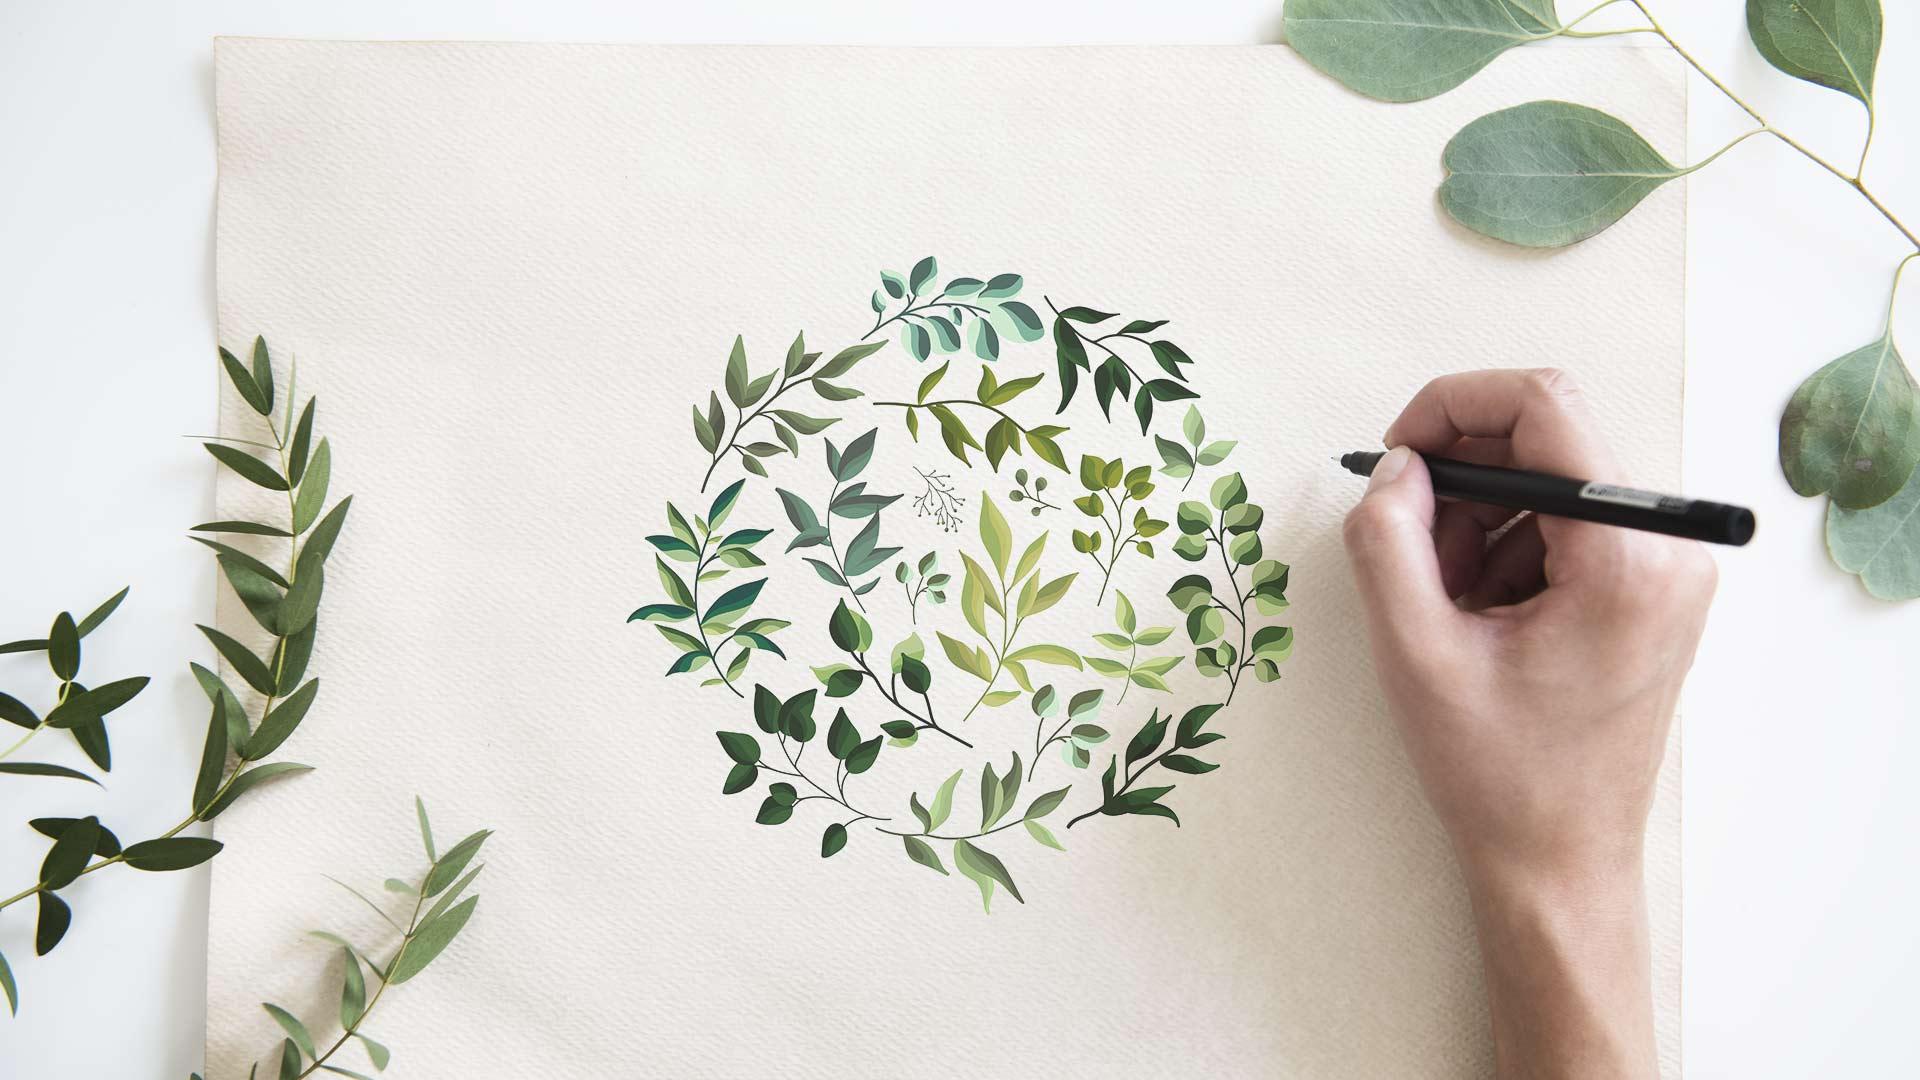 Как нарисовать эскиз венка иззелени